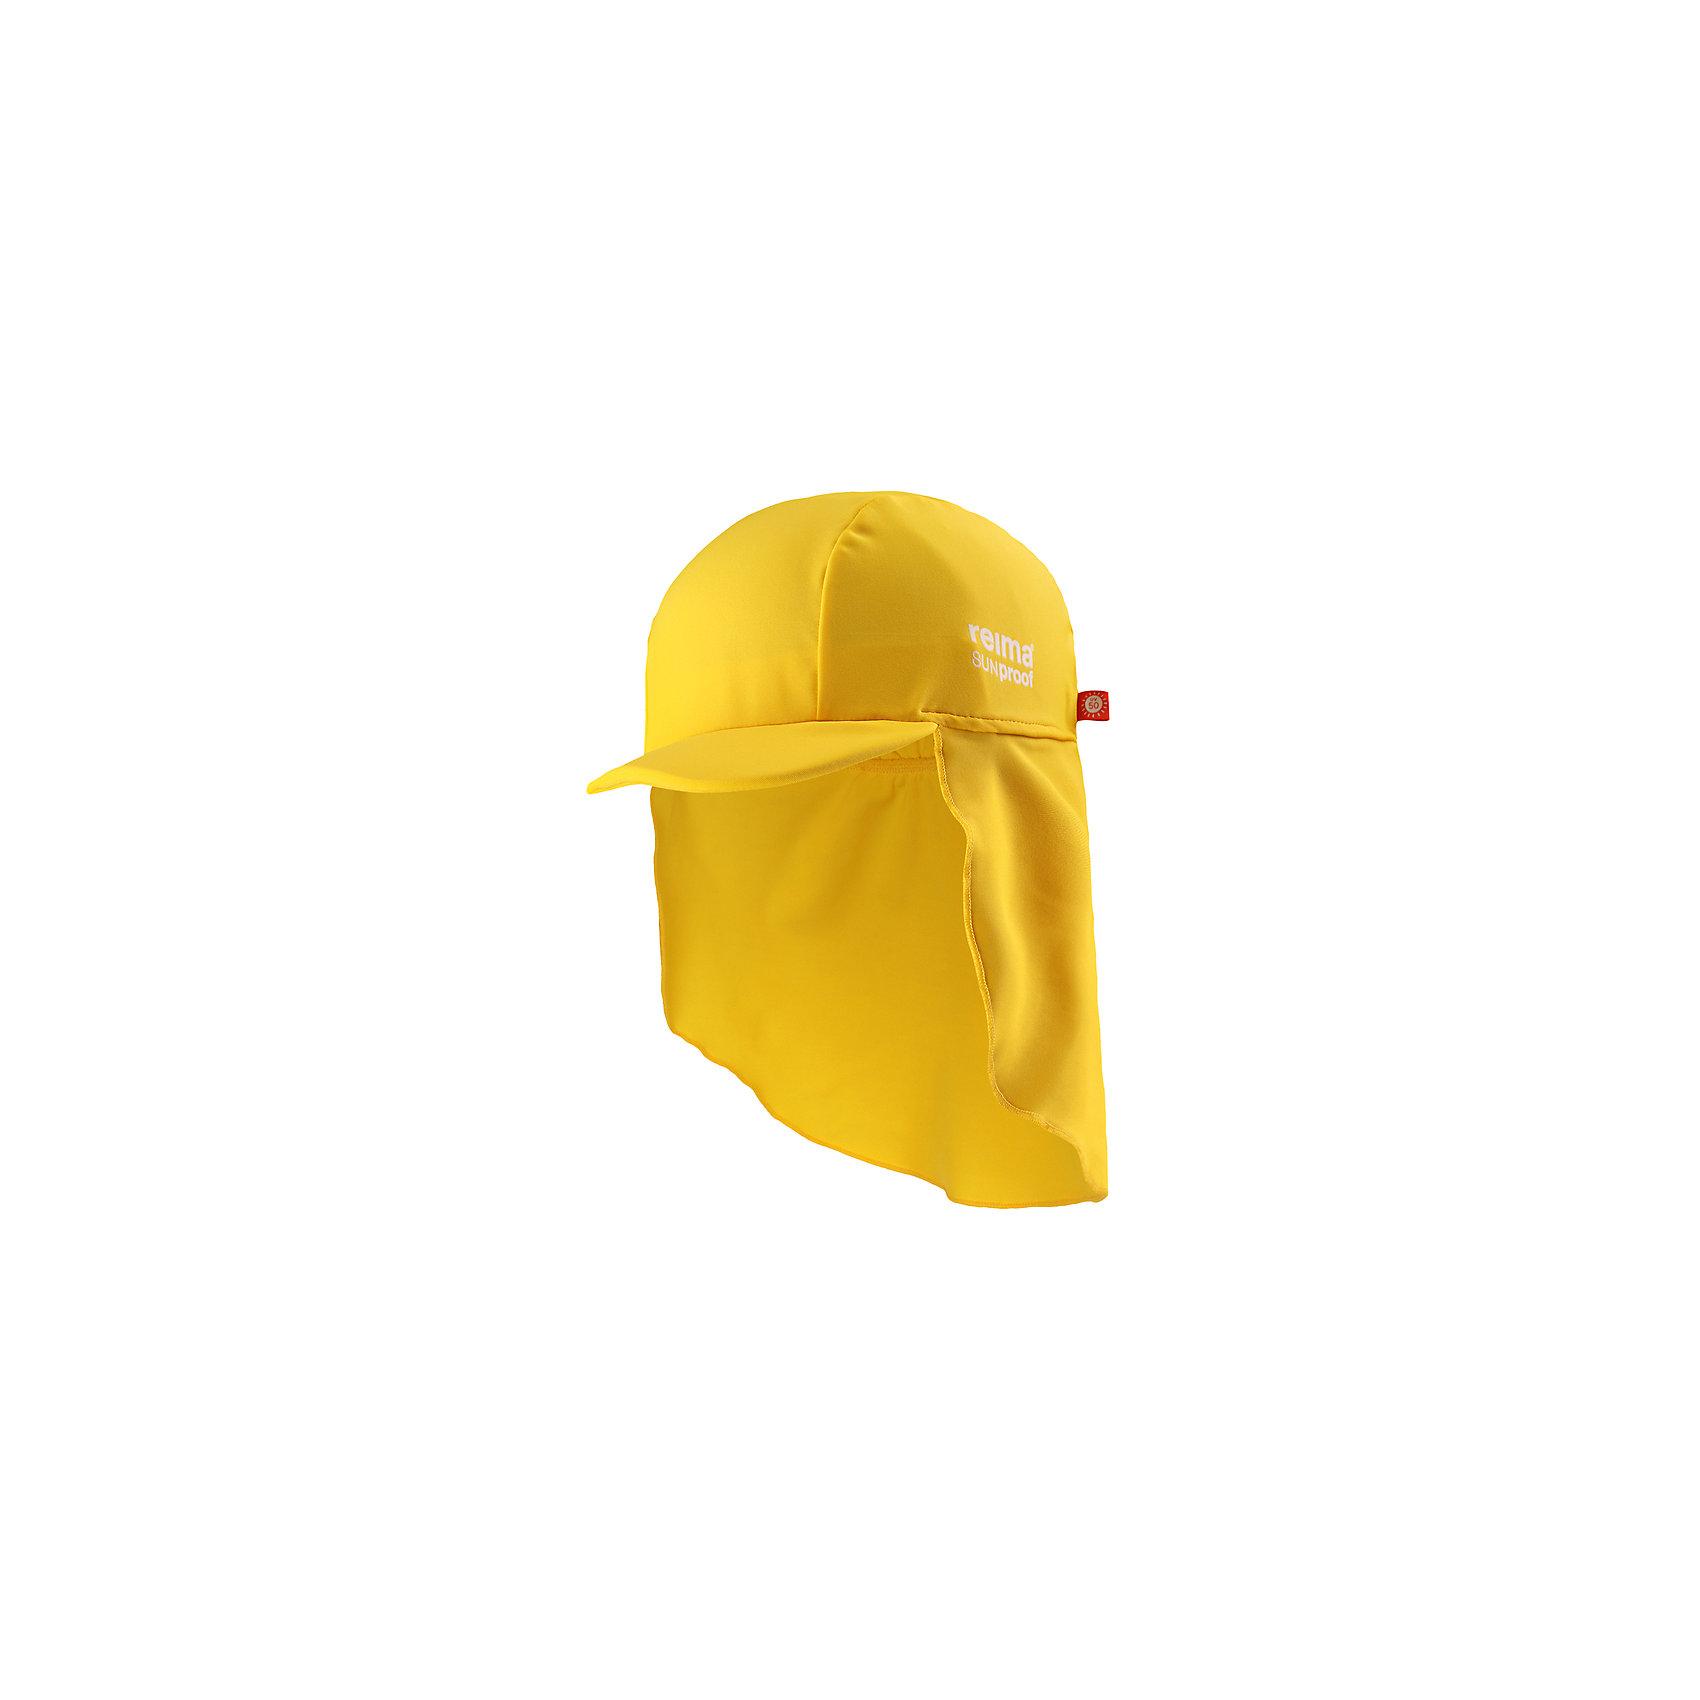 Панама ReimaШапки и шарфы<br>Характеристики товара:<br><br>• цвет: жёлтый<br>• состав: 80% полиамид, 20% эластан<br>• фактор защиты от ультрафиолета: 50+<br>• задняя часть удлиненная<br>• стильный защитный козырек<br>• защищает от солнца<br>• облегчённая модель без подкладки<br>• эмблема Reima сбоку<br>• декоративный логотип<br>• страна бренда: Финляндия<br>• страна производства: Китай<br><br>Детский головной убор может быть модным и удобным одновременно! Стильная панама поможет обеспечить ребенку комфорт и дополнить наряд.Панама удобно сидит и аккуратно выглядит. Проста в уходе, долго служит. Стильный дизайн разрабатывался специально для детей. Отличная защита от солнца!<br><br>Уход:<br><br>• cтирать по отдельности, вывернув наизнанку<br>• gолоскать без специального средства<br>• cушить при низкой температуре.<br><br>Панаму от финского бренда Reima (Рейма) можно купить в нашем интернет-магазине.<br><br>Ширина мм: 89<br>Глубина мм: 117<br>Высота мм: 44<br>Вес г: 155<br>Цвет: желтый<br>Возраст от месяцев: 48<br>Возраст до месяцев: 84<br>Пол: Унисекс<br>Возраст: Детский<br>Размер: 54,46,50<br>SKU: 5270902